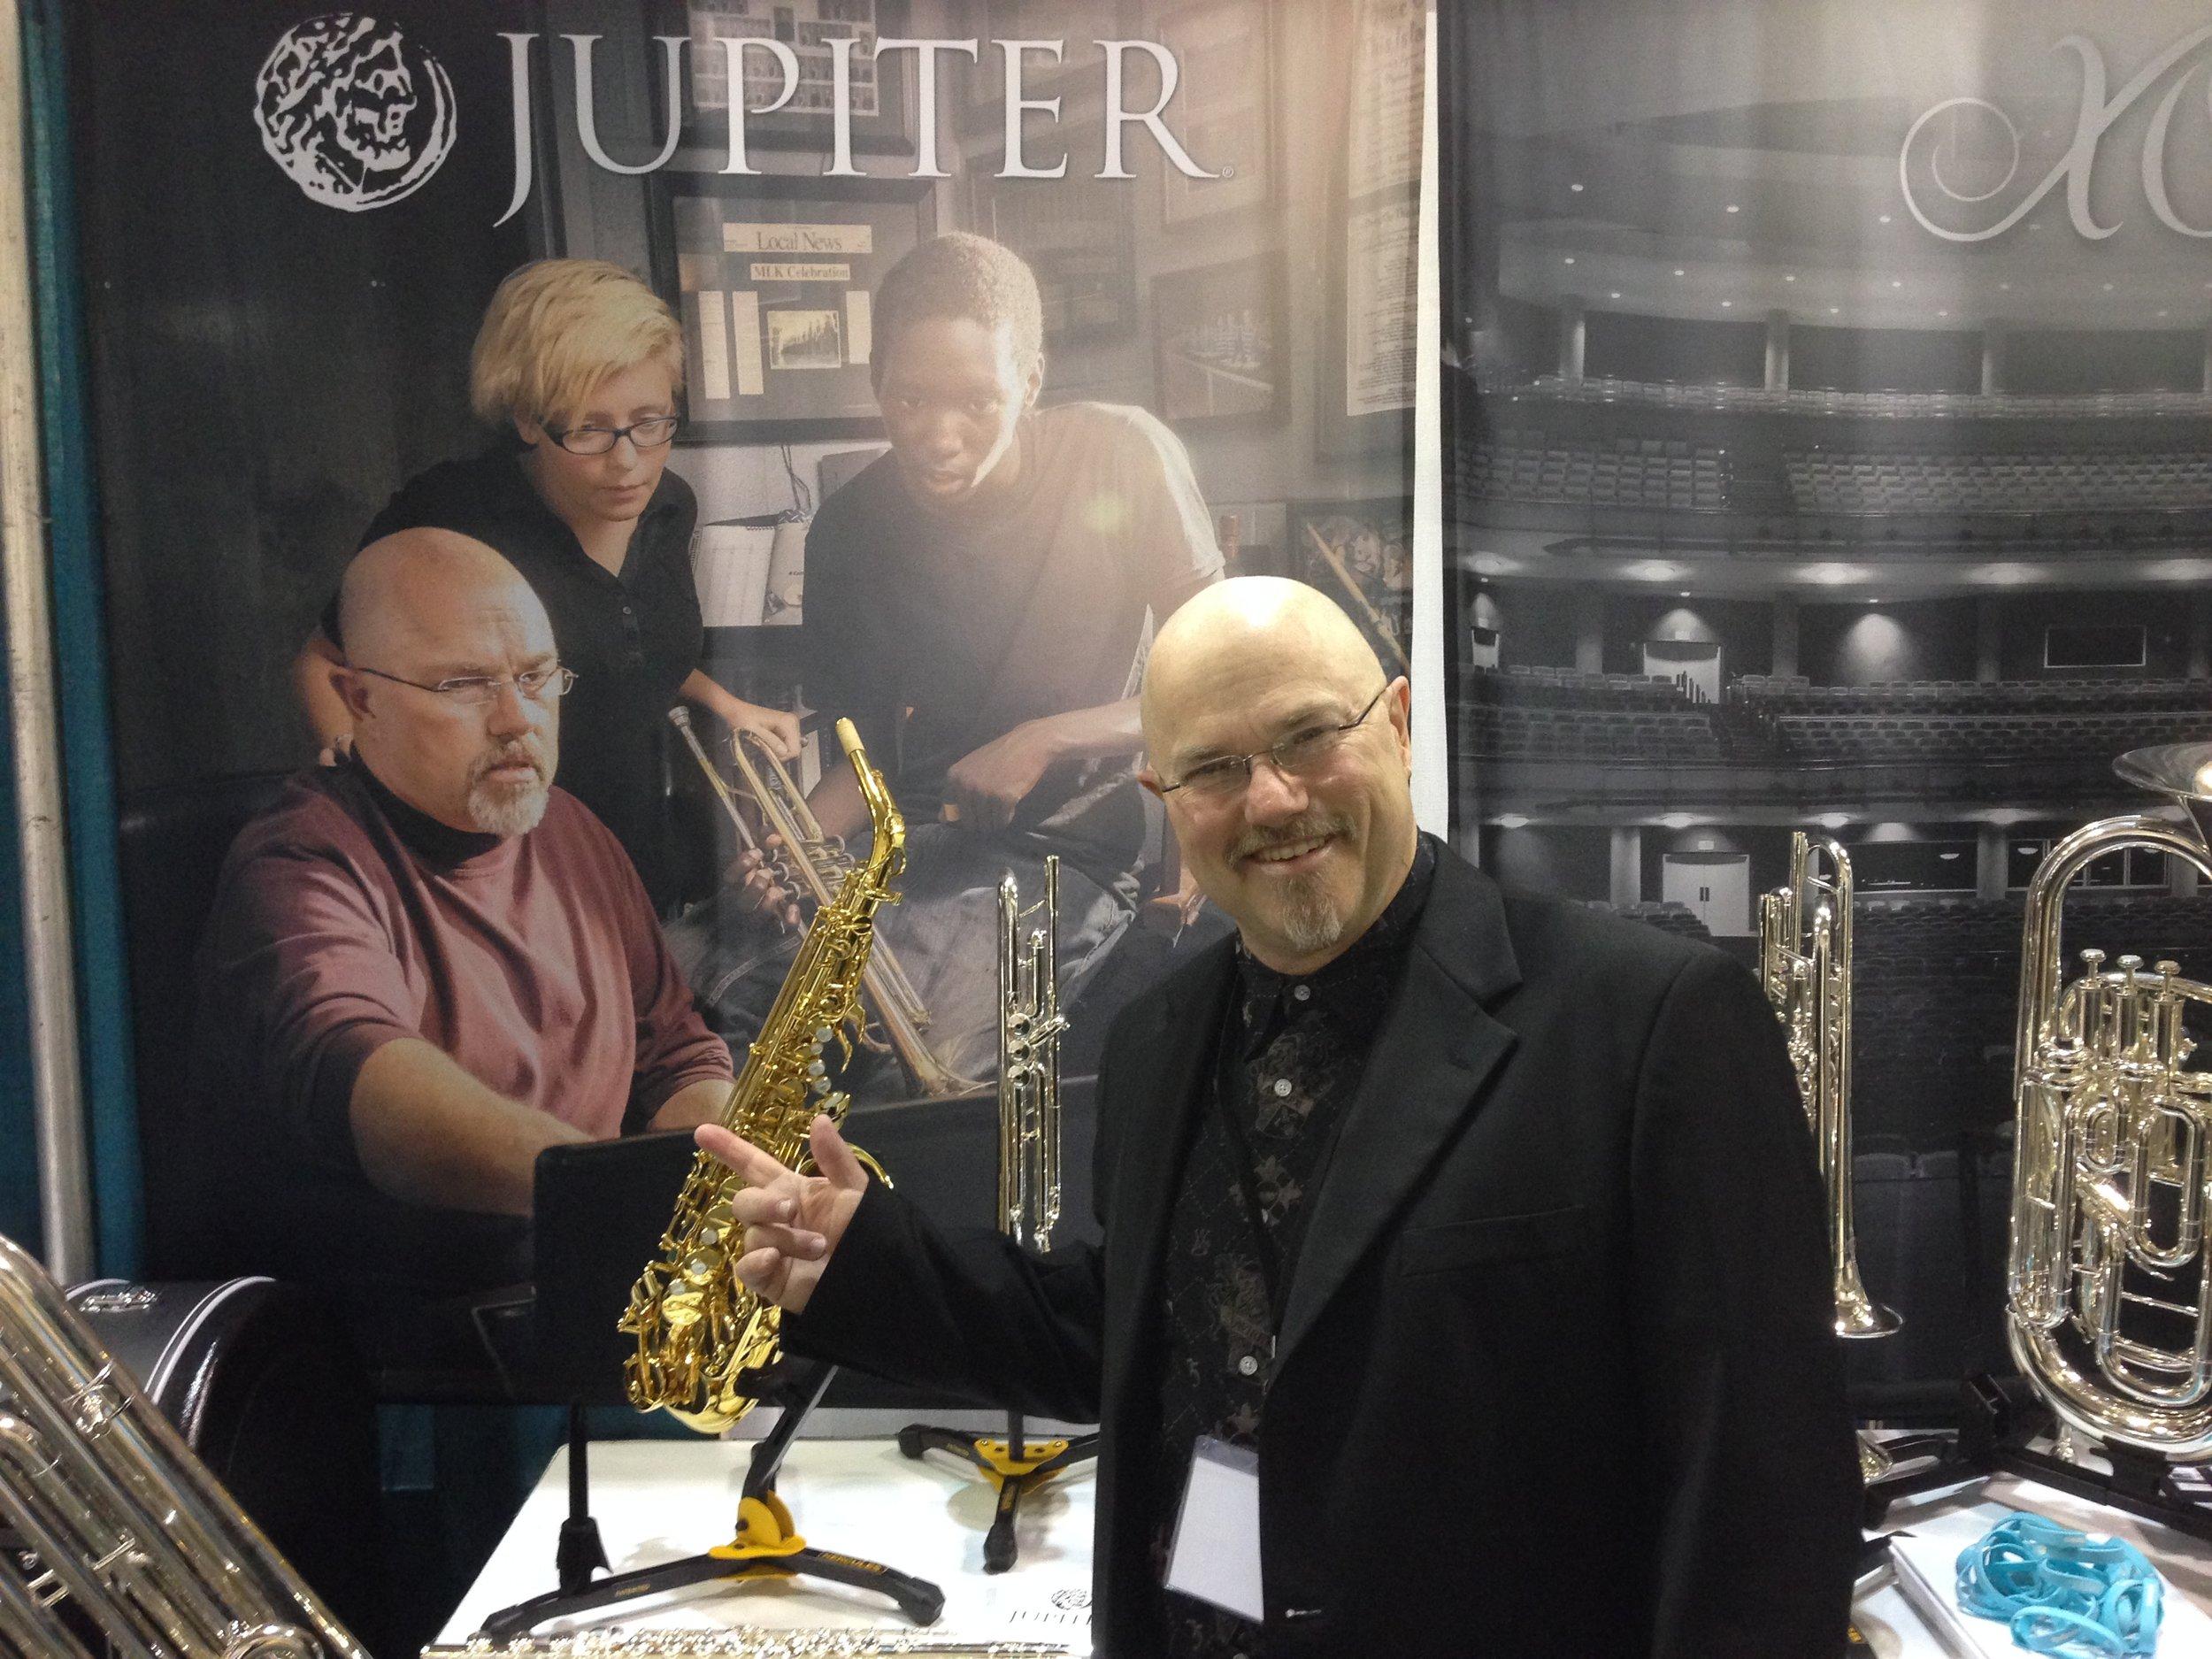 Ed Featured @ Jupiter Booth TnMEA, 2014